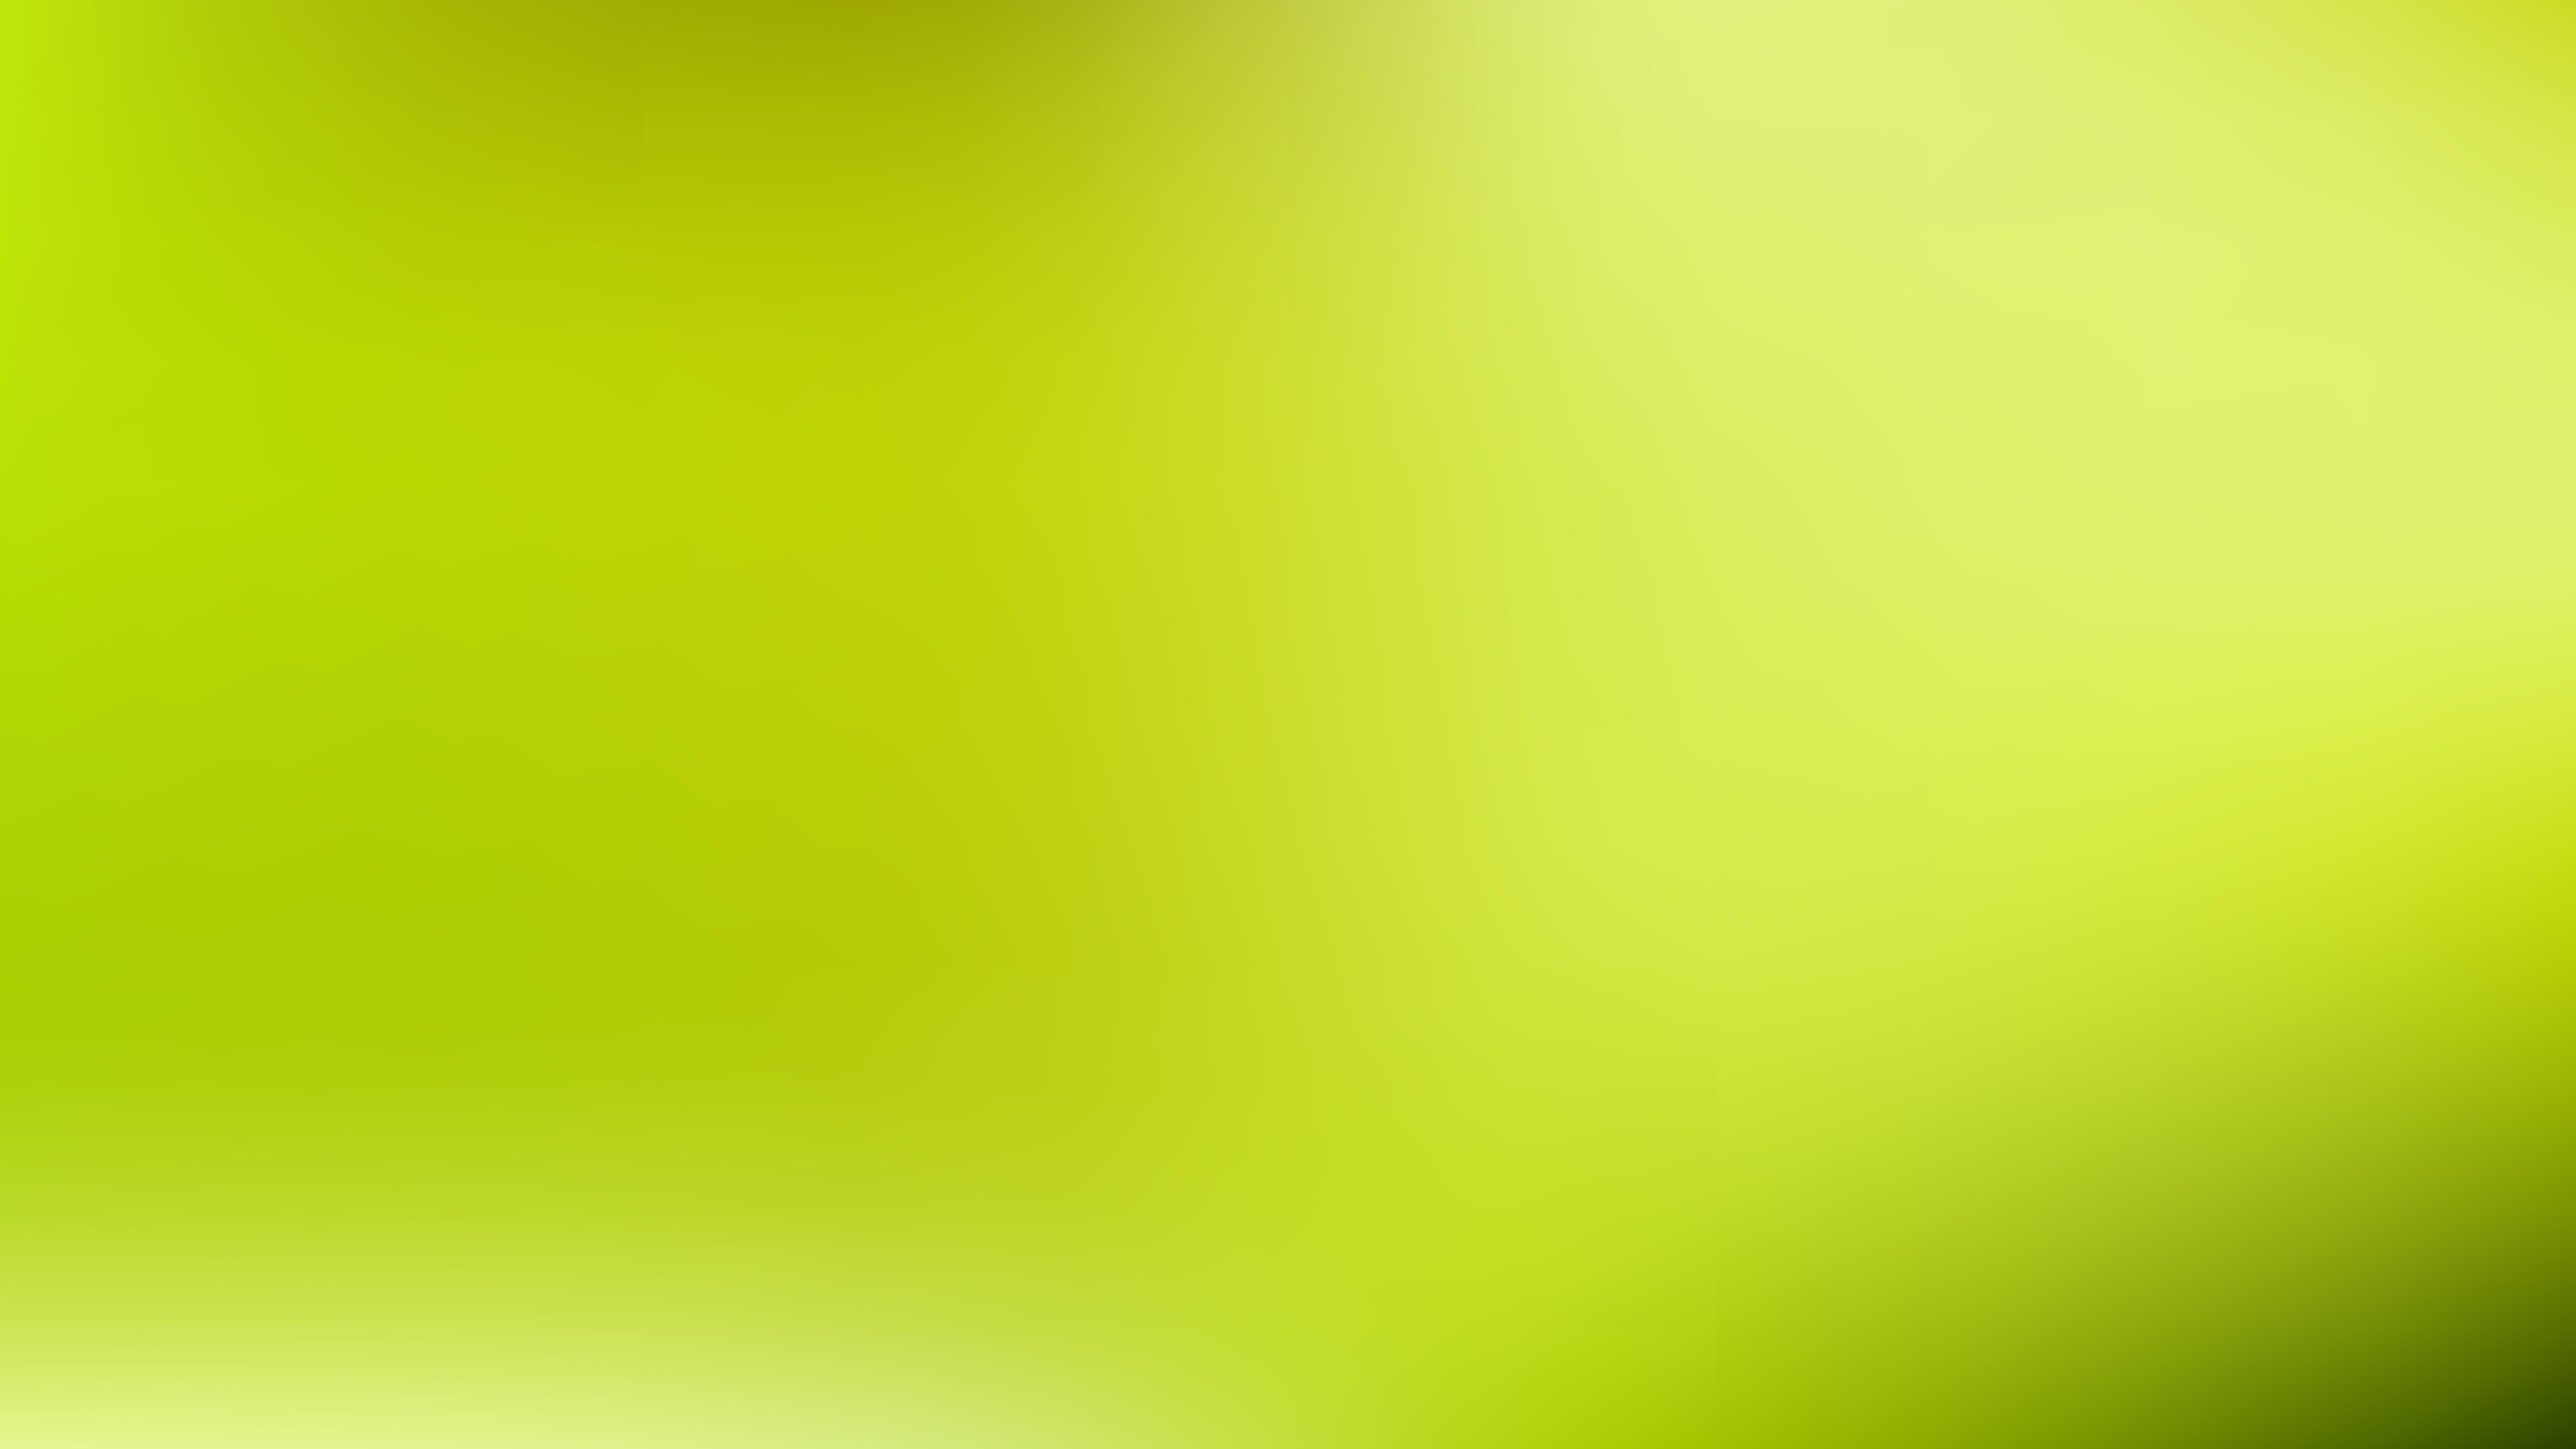 Light Green Blur Photo Wallpaper Vector Graphic